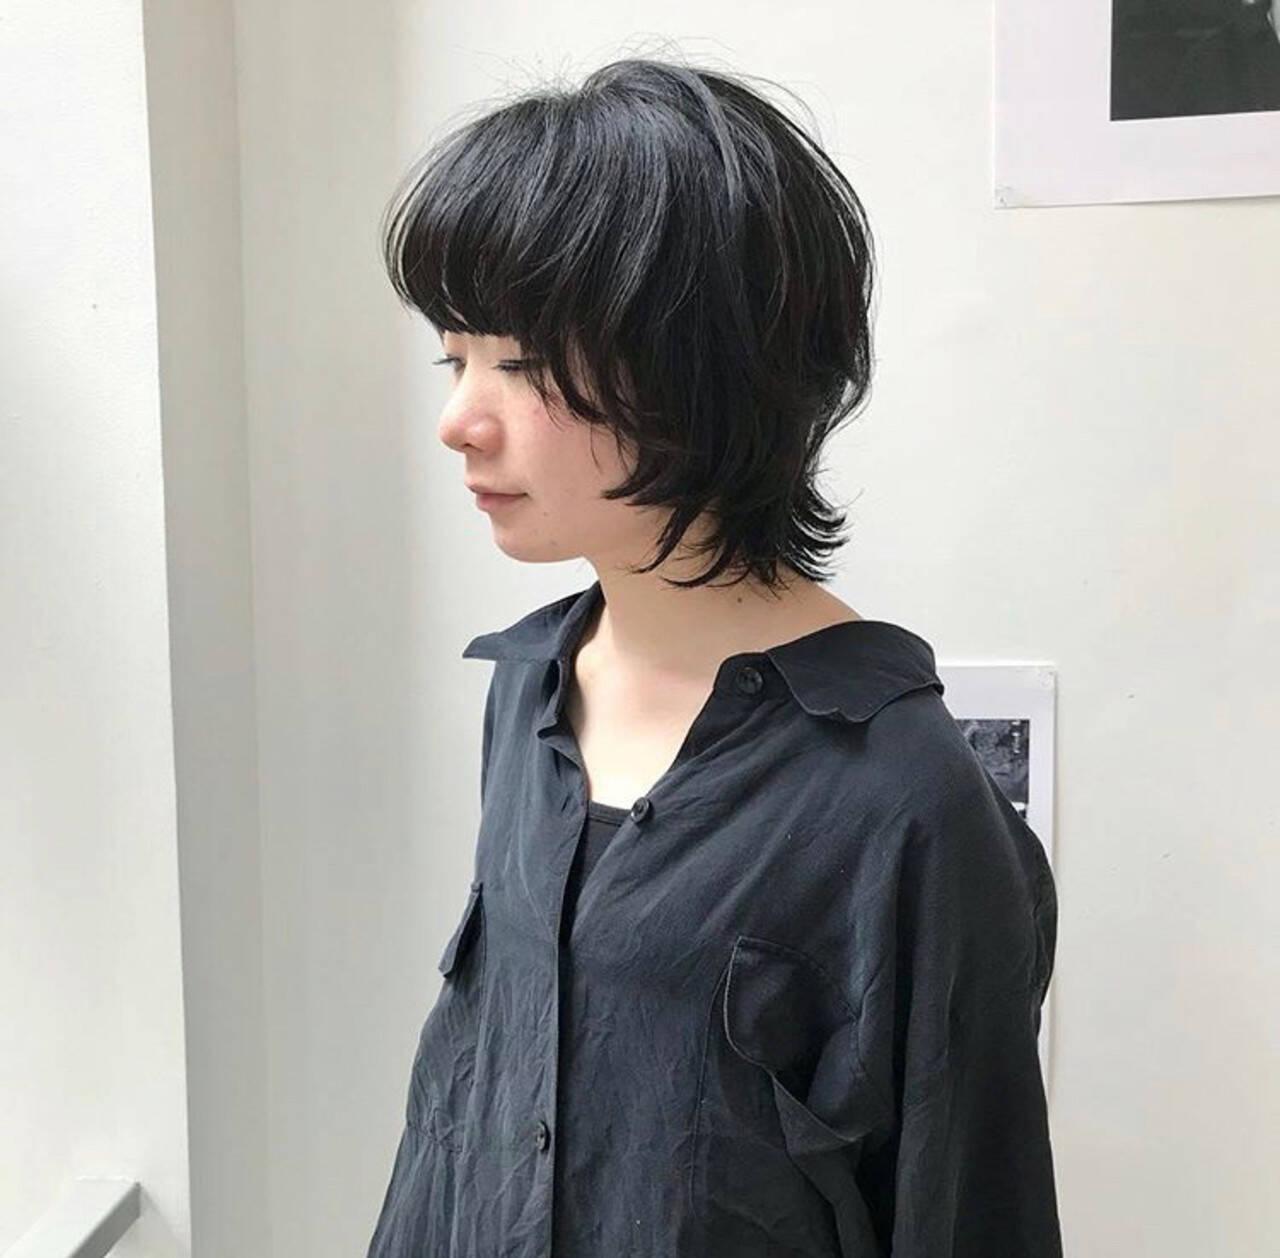 マッシュウルフ ウルフ女子 黒髪 ボブヘアスタイルや髪型の写真・画像